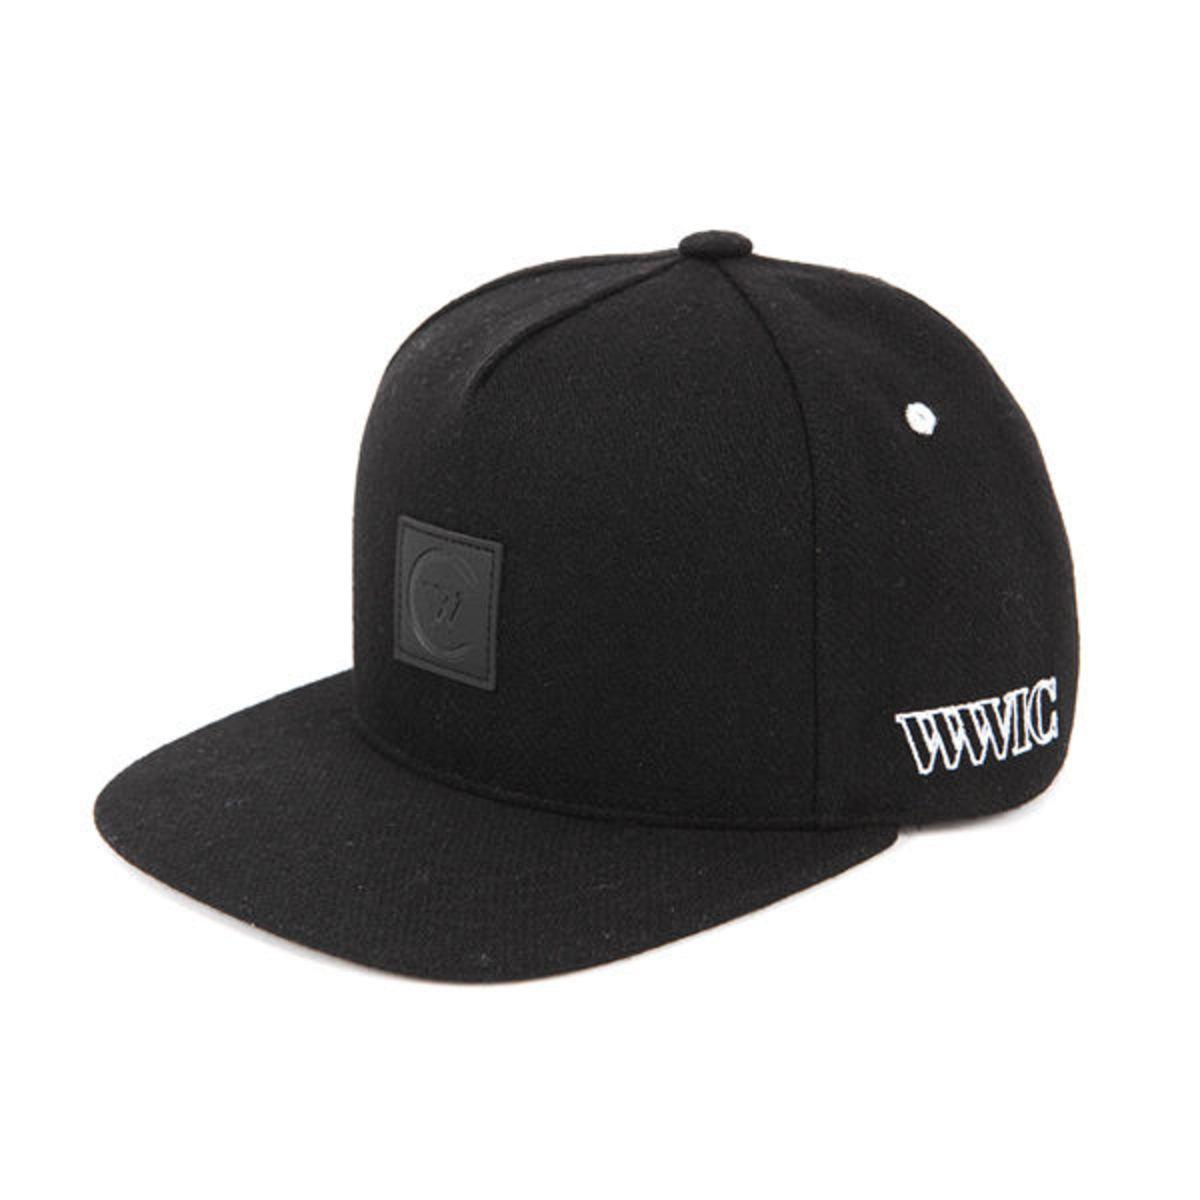 WINNER WWIC 2015 棒球帽_GD00015765